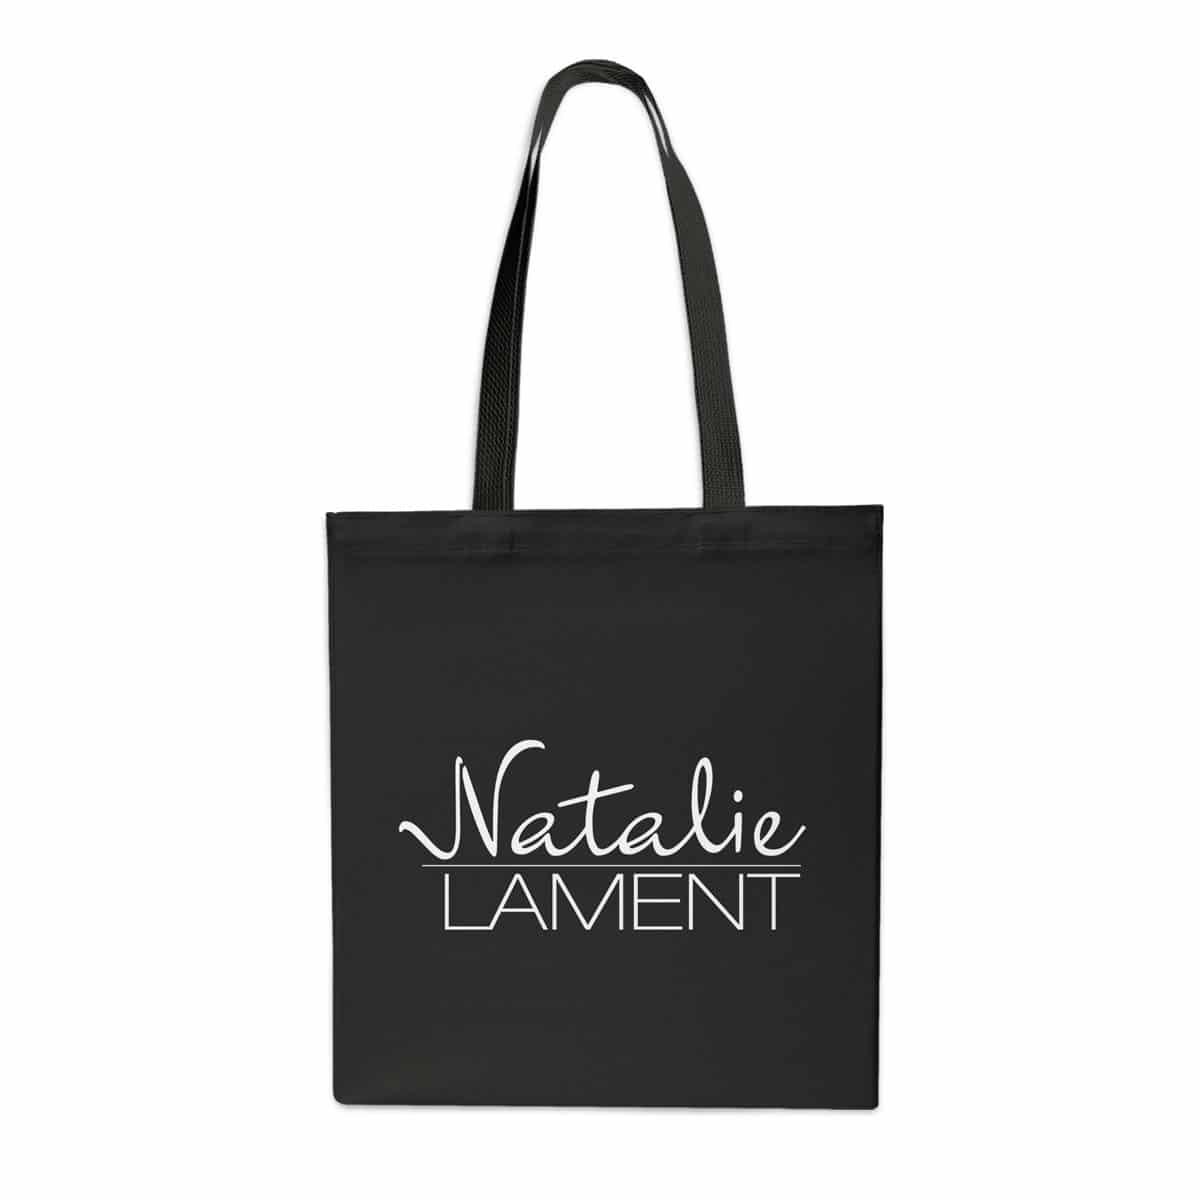 Stofftasche Natalie Lament schwarz